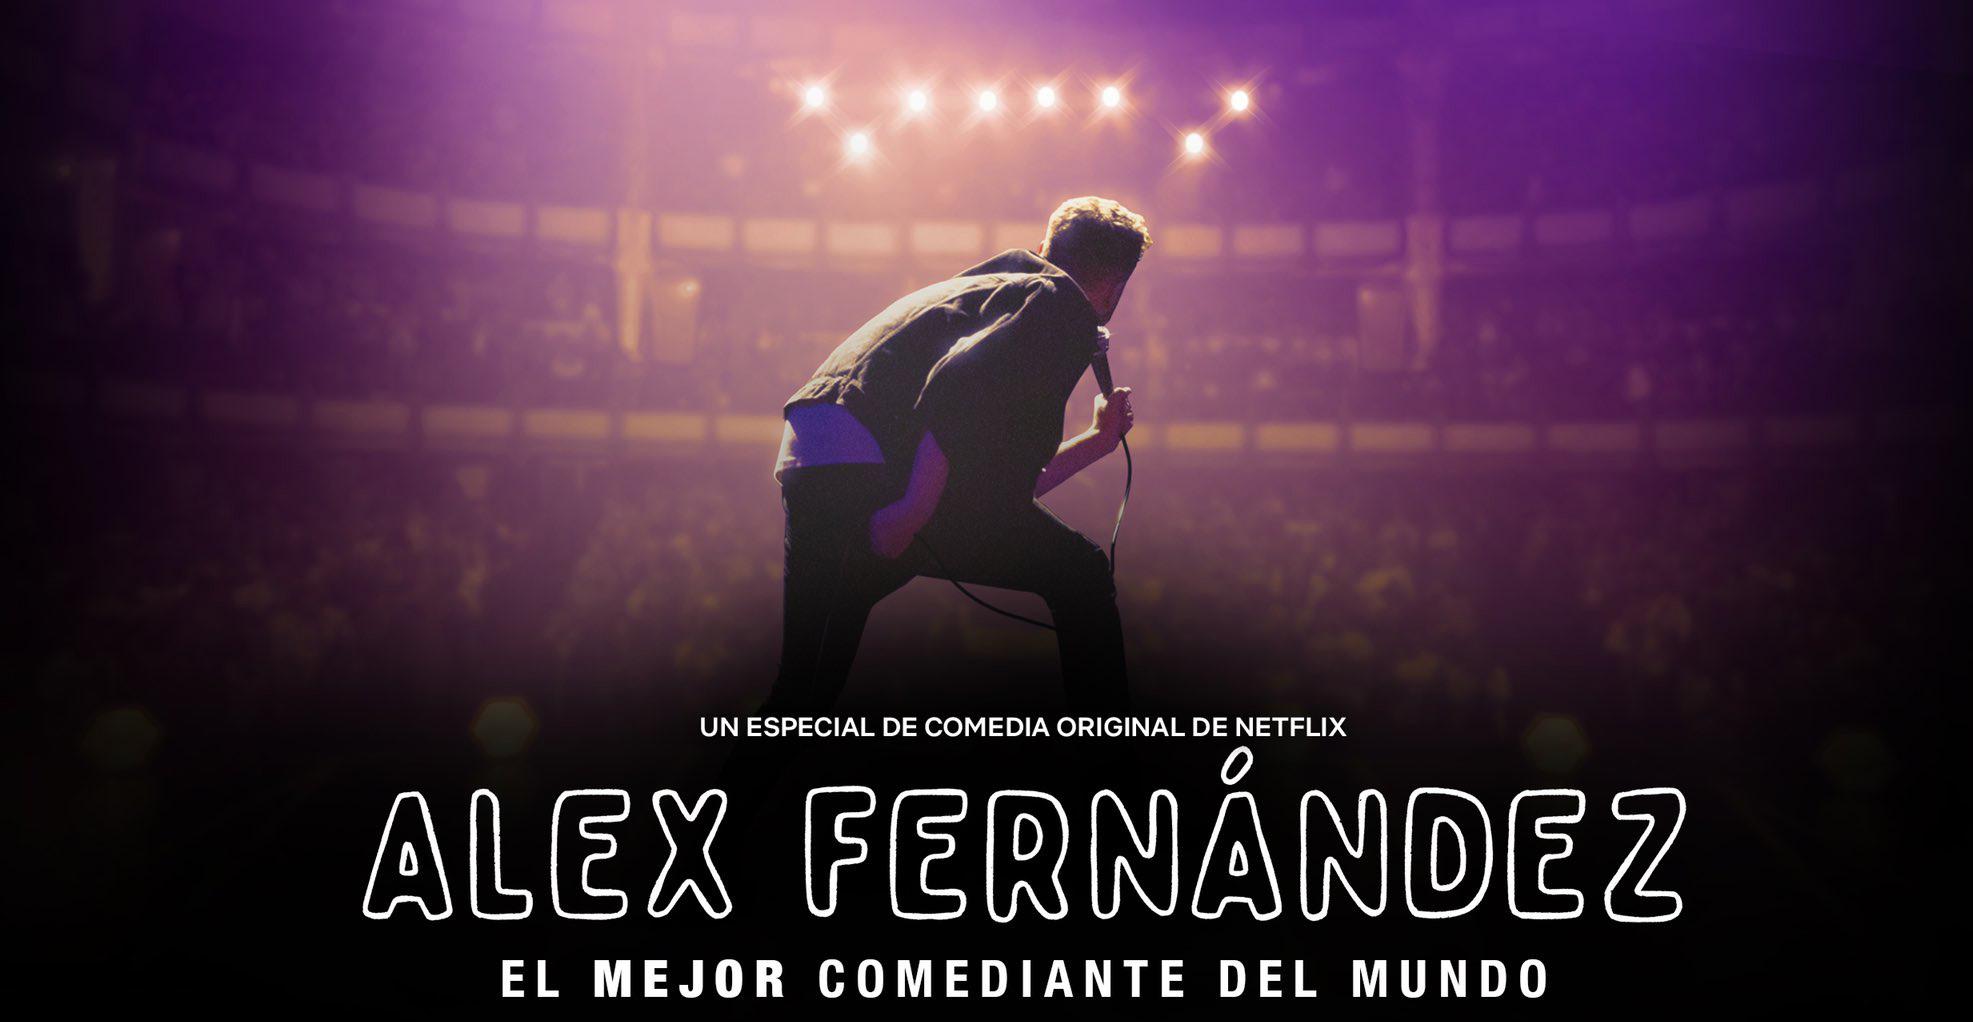 'El mejor comediante del mundo' de Alex Fernández, el stand up de Netflix que se hizo tendencia